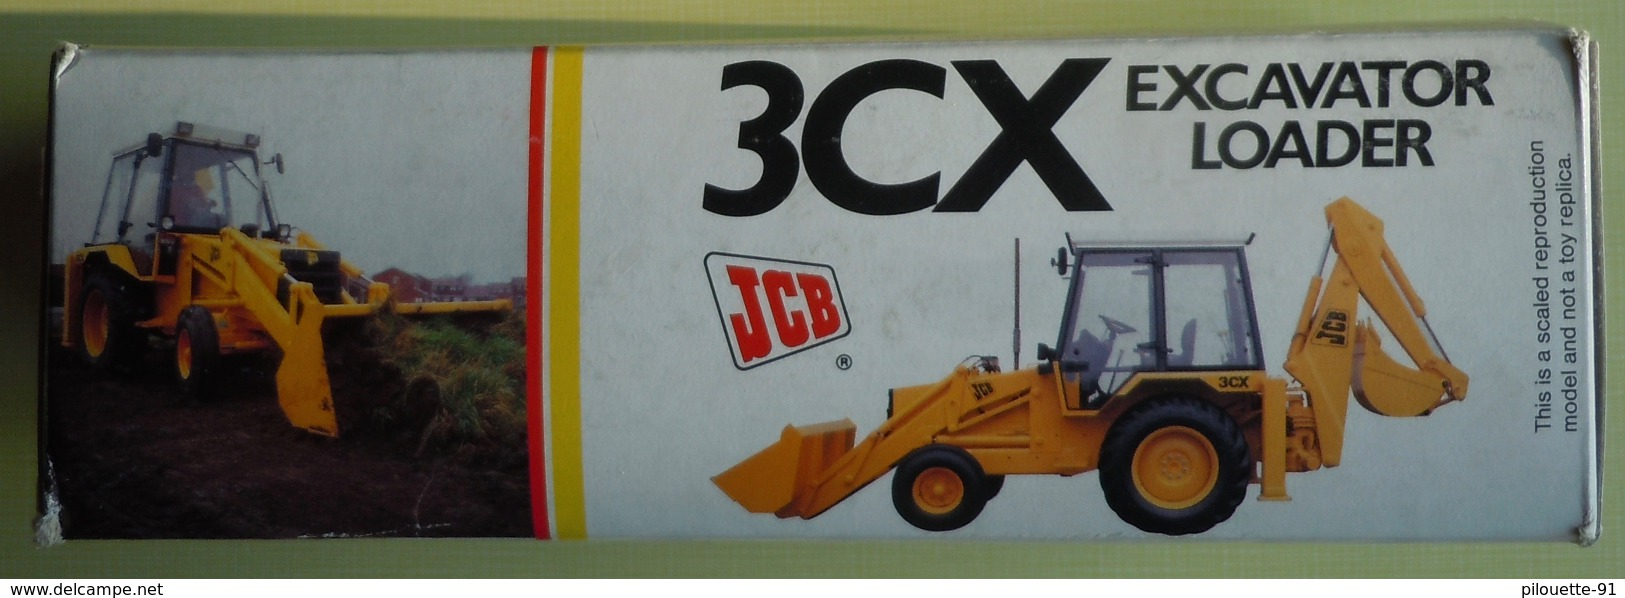 NZG N° 277/2771 JCB 3CX EXCAVATOR LOADER M1:85 - Camiones, Buses Y Construcción